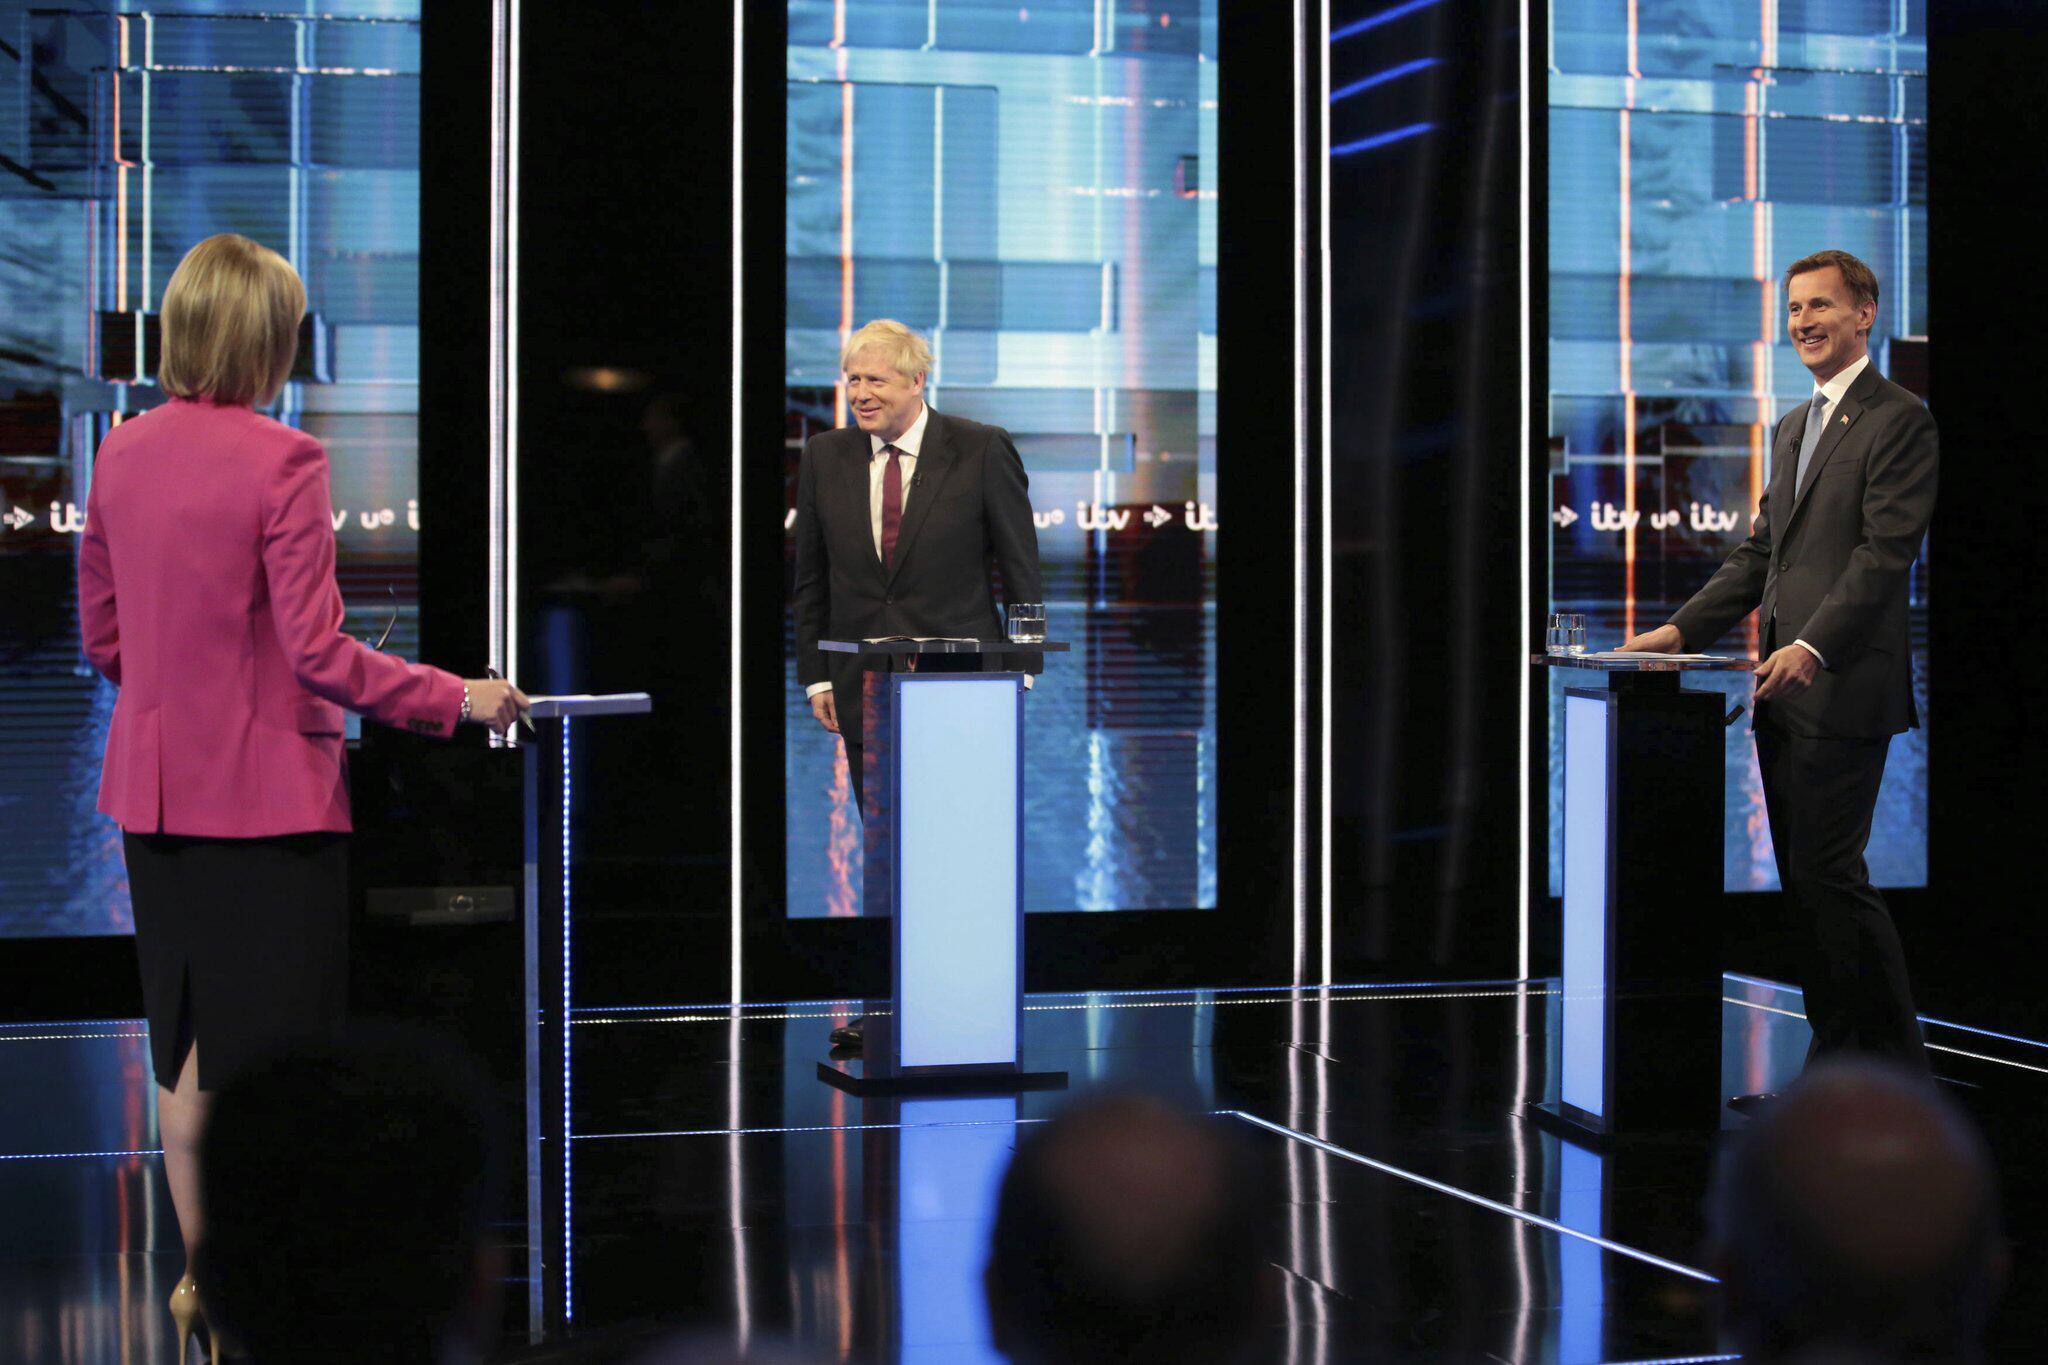 Bild zu Fernseh-Debatte zwischen Johnson und Hunt